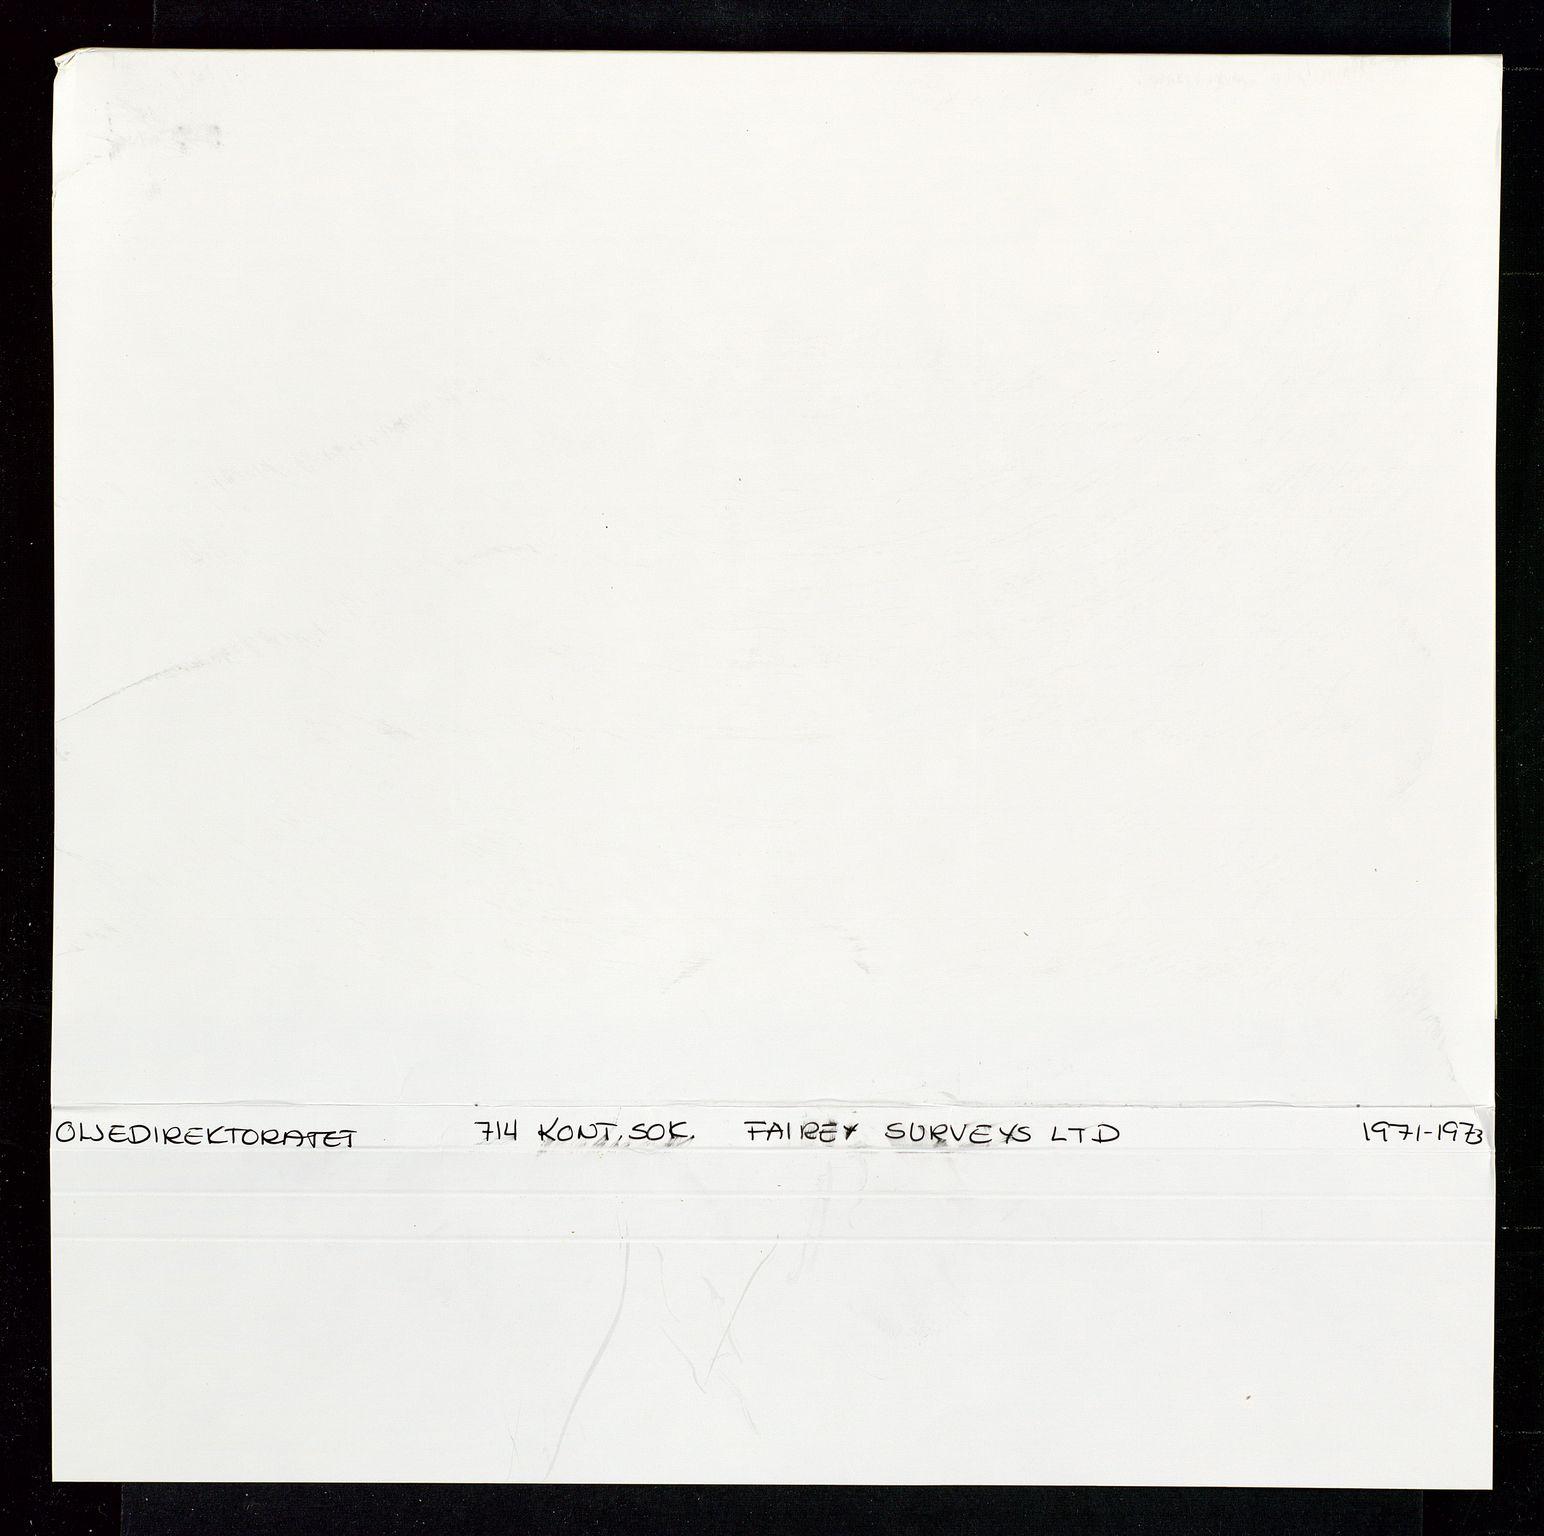 SAST, Industridepartementet, Oljekontoret, Da/L0006:  Arkivnøkkel 714 Vitenskapelige undersøkelser, 1963-1973, s. 774